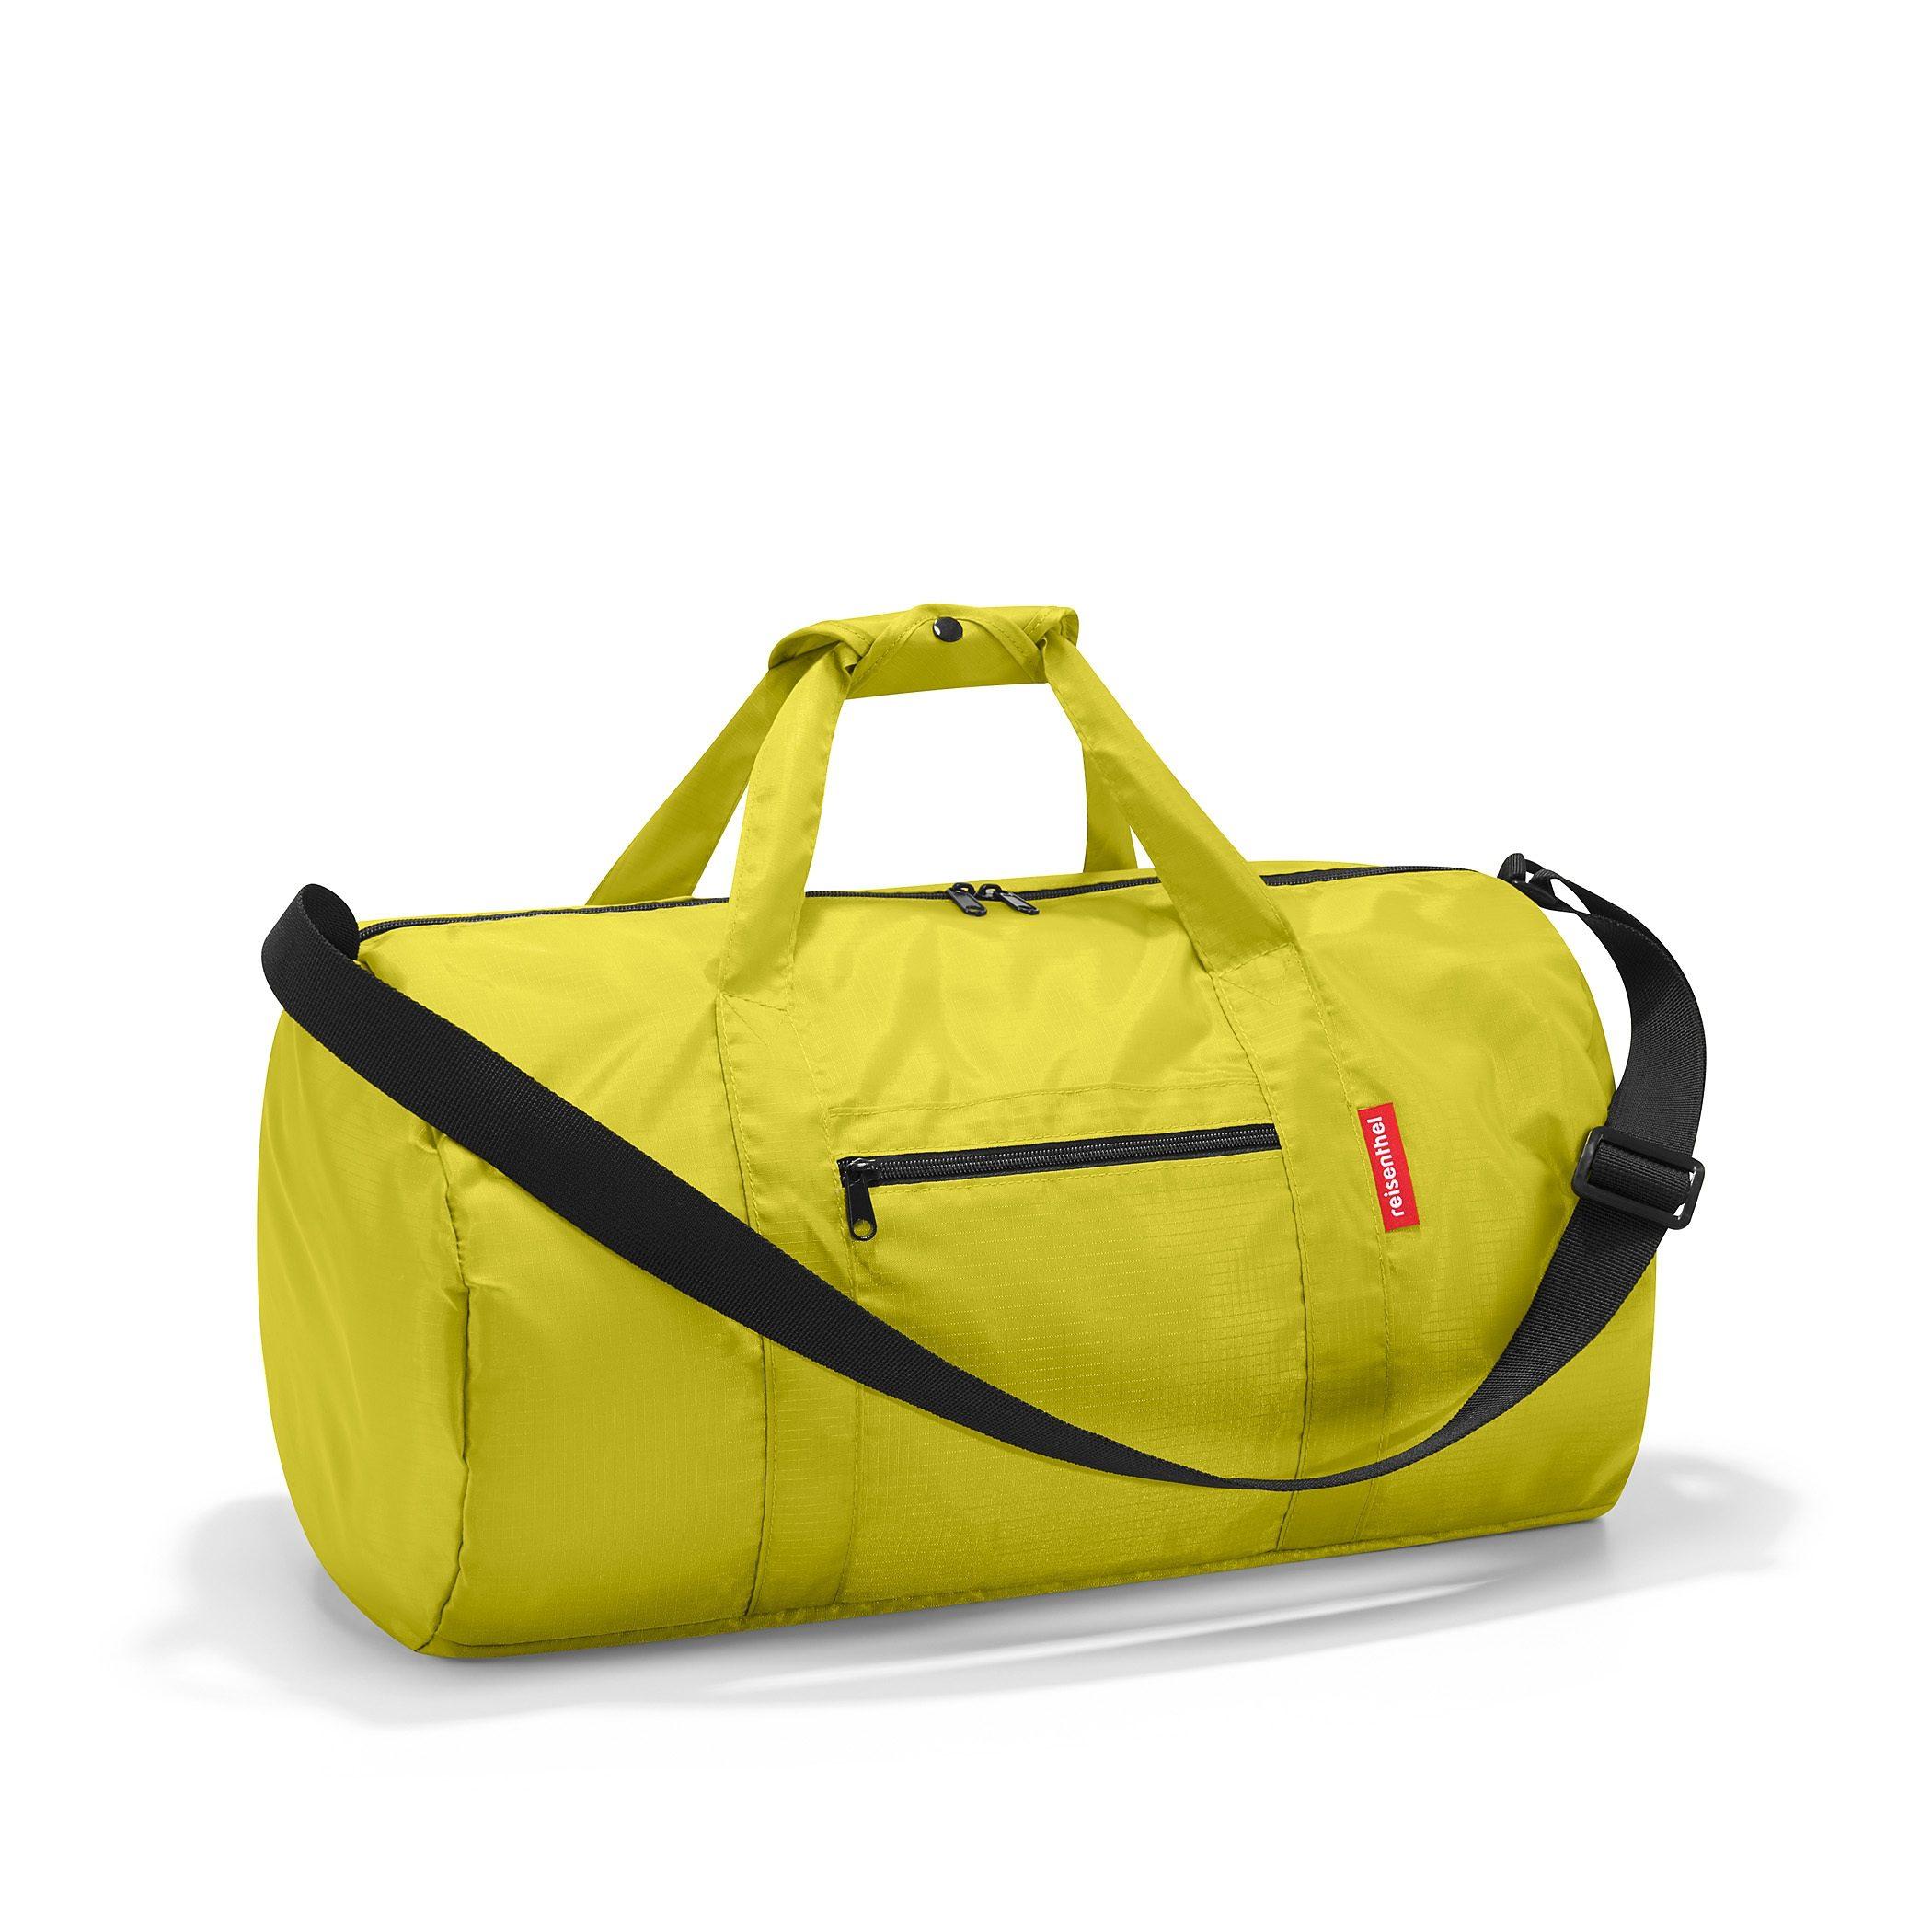 REISENTHEL® Faltbare Tasche »mini maxi dufflebag apple green«